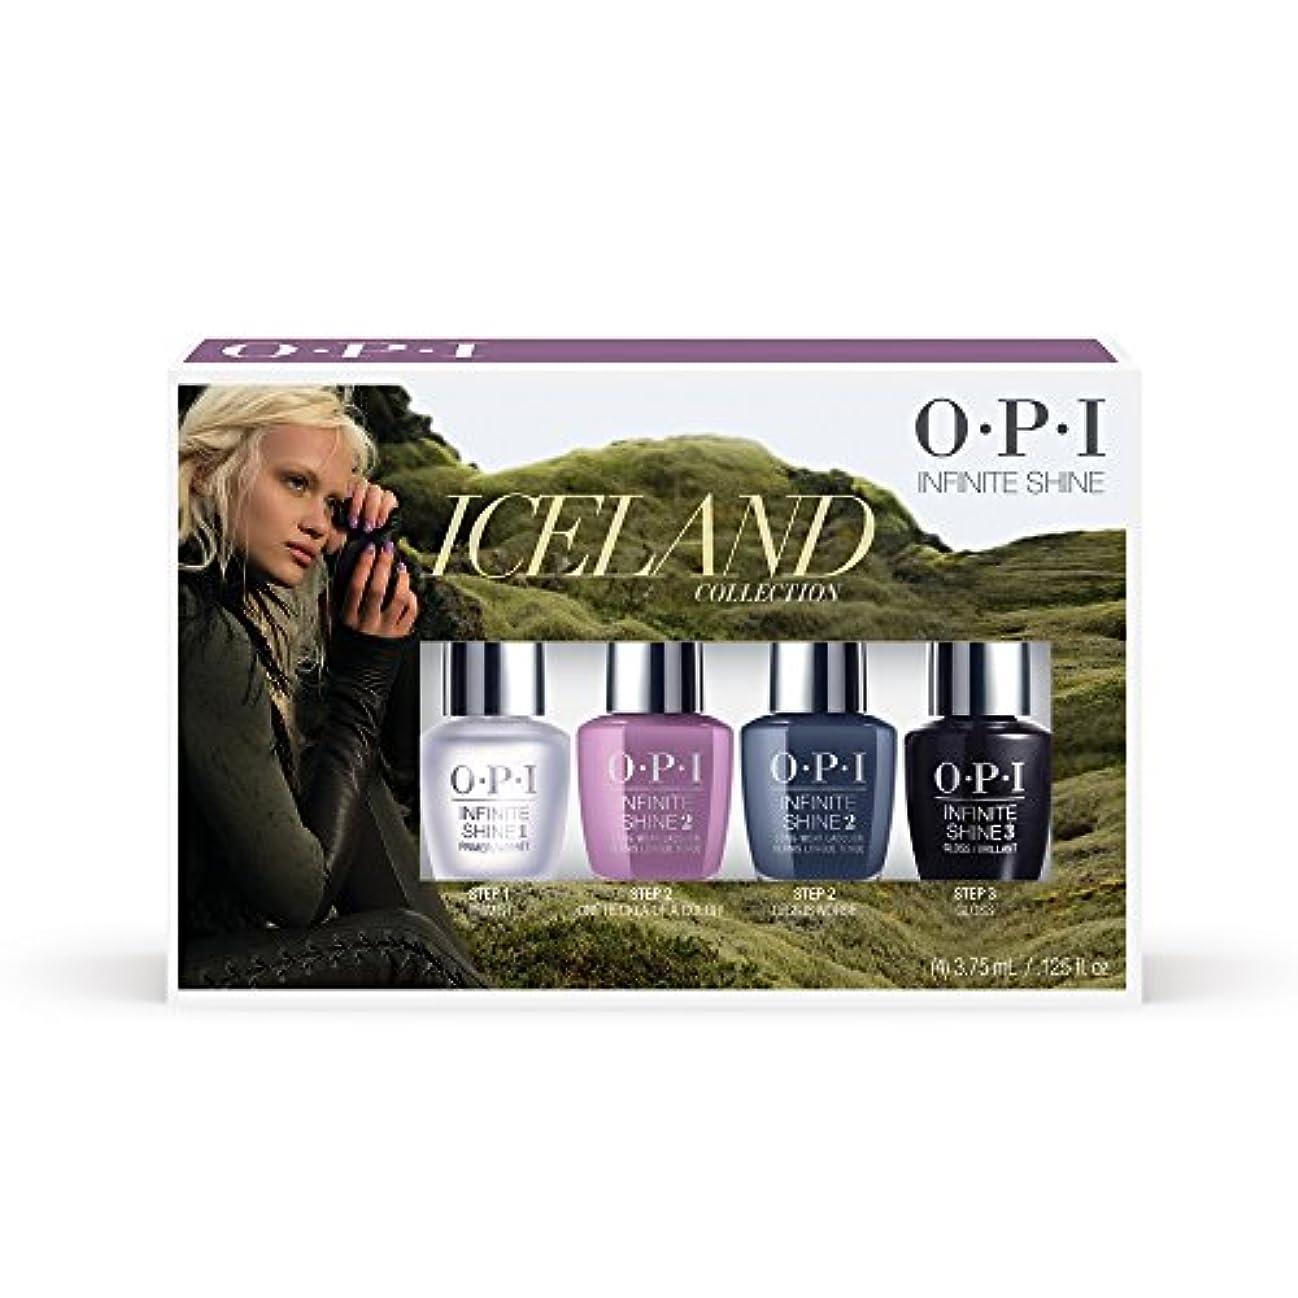 全体通行料金ステッチOPI(オーピーアイ) アイスランド コレクション インフィニット シャイン ミニパック